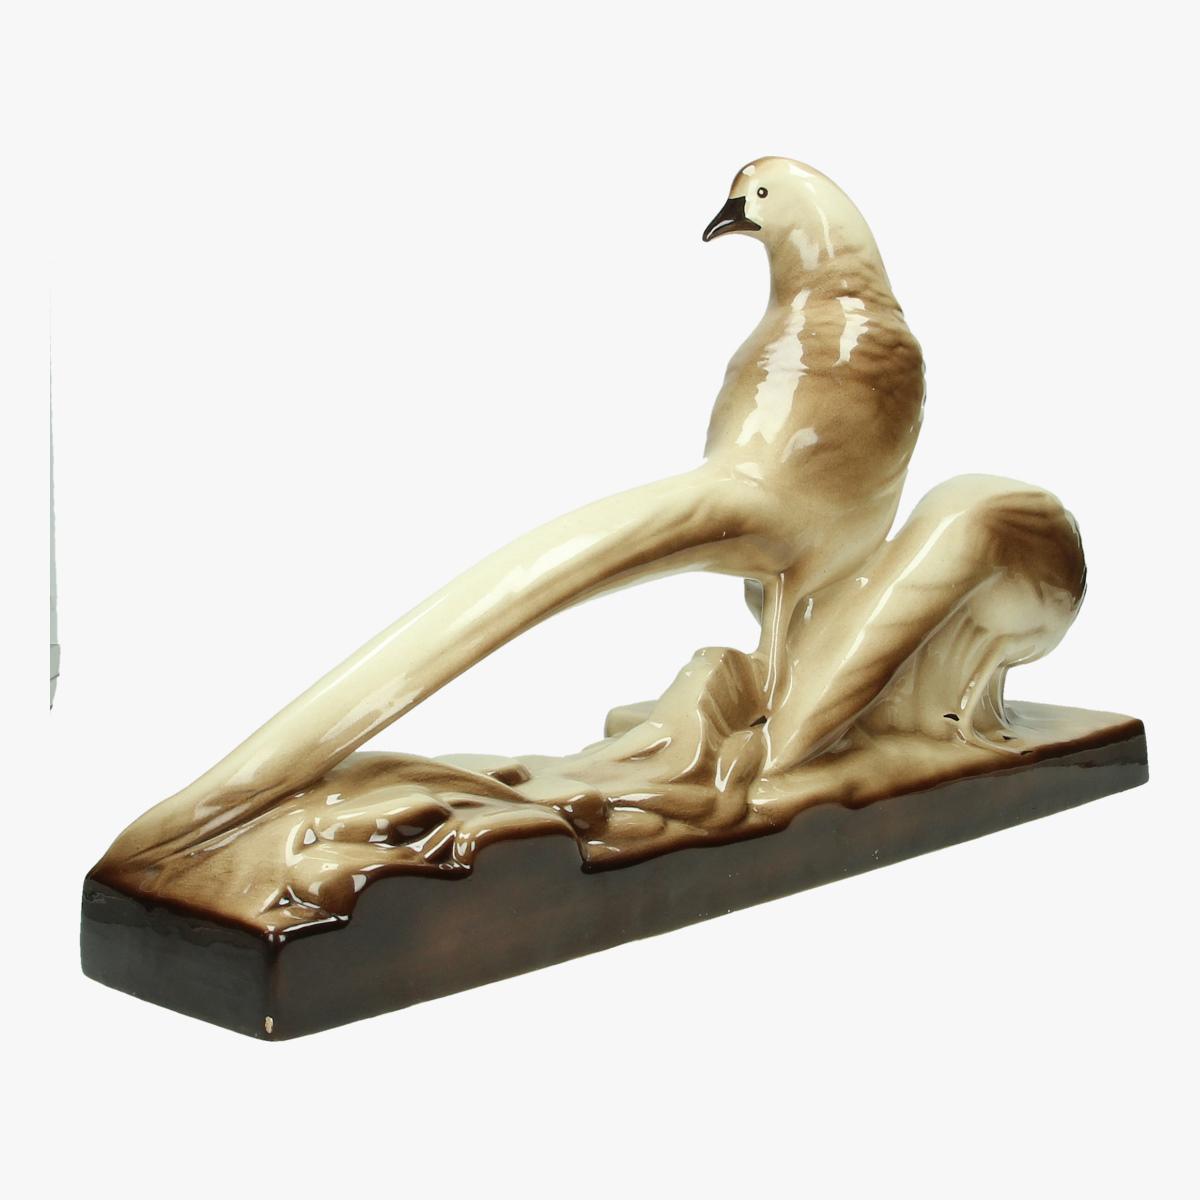 Afbeeldingen van beeld fazanten